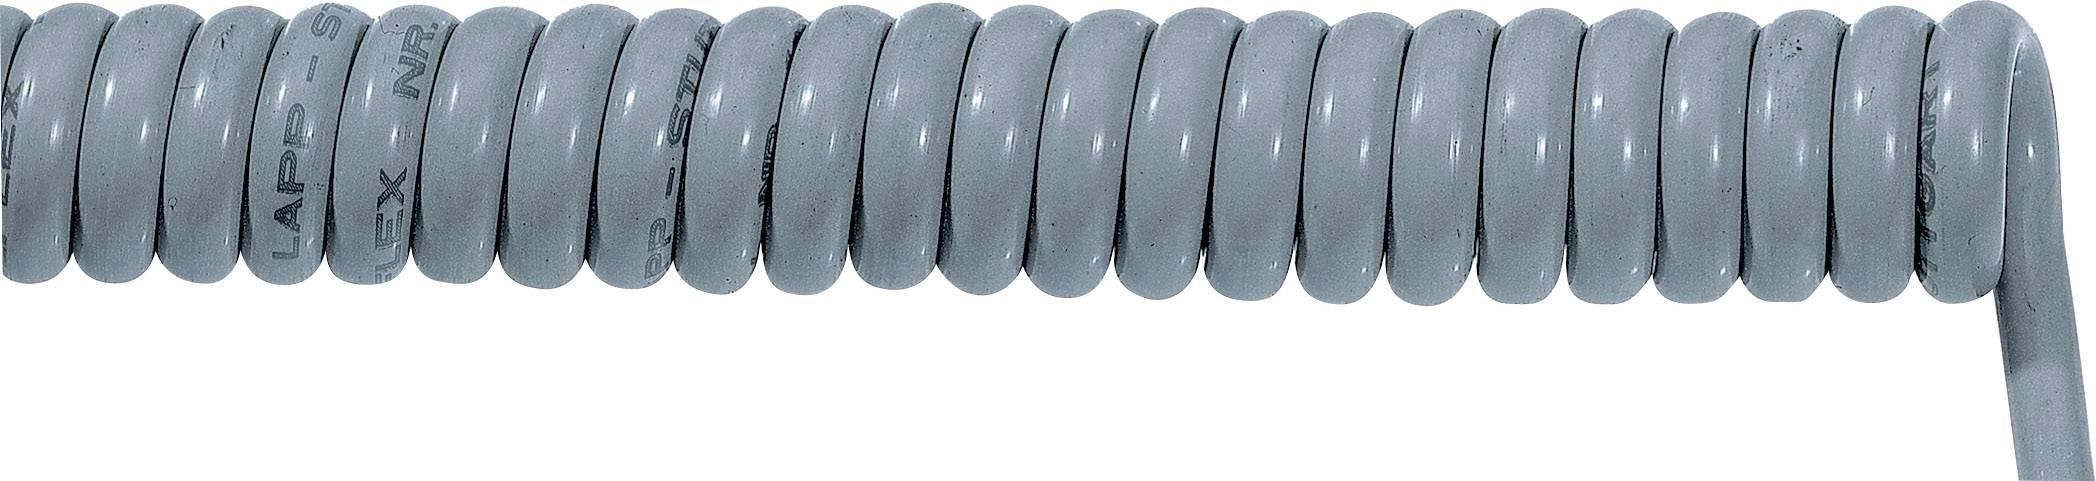 Špirálový kábel 70002663 ÖLFLEX® SPIRAL 400 P 5 x 1 mm², 1500 mm / 4500 mm, sivá